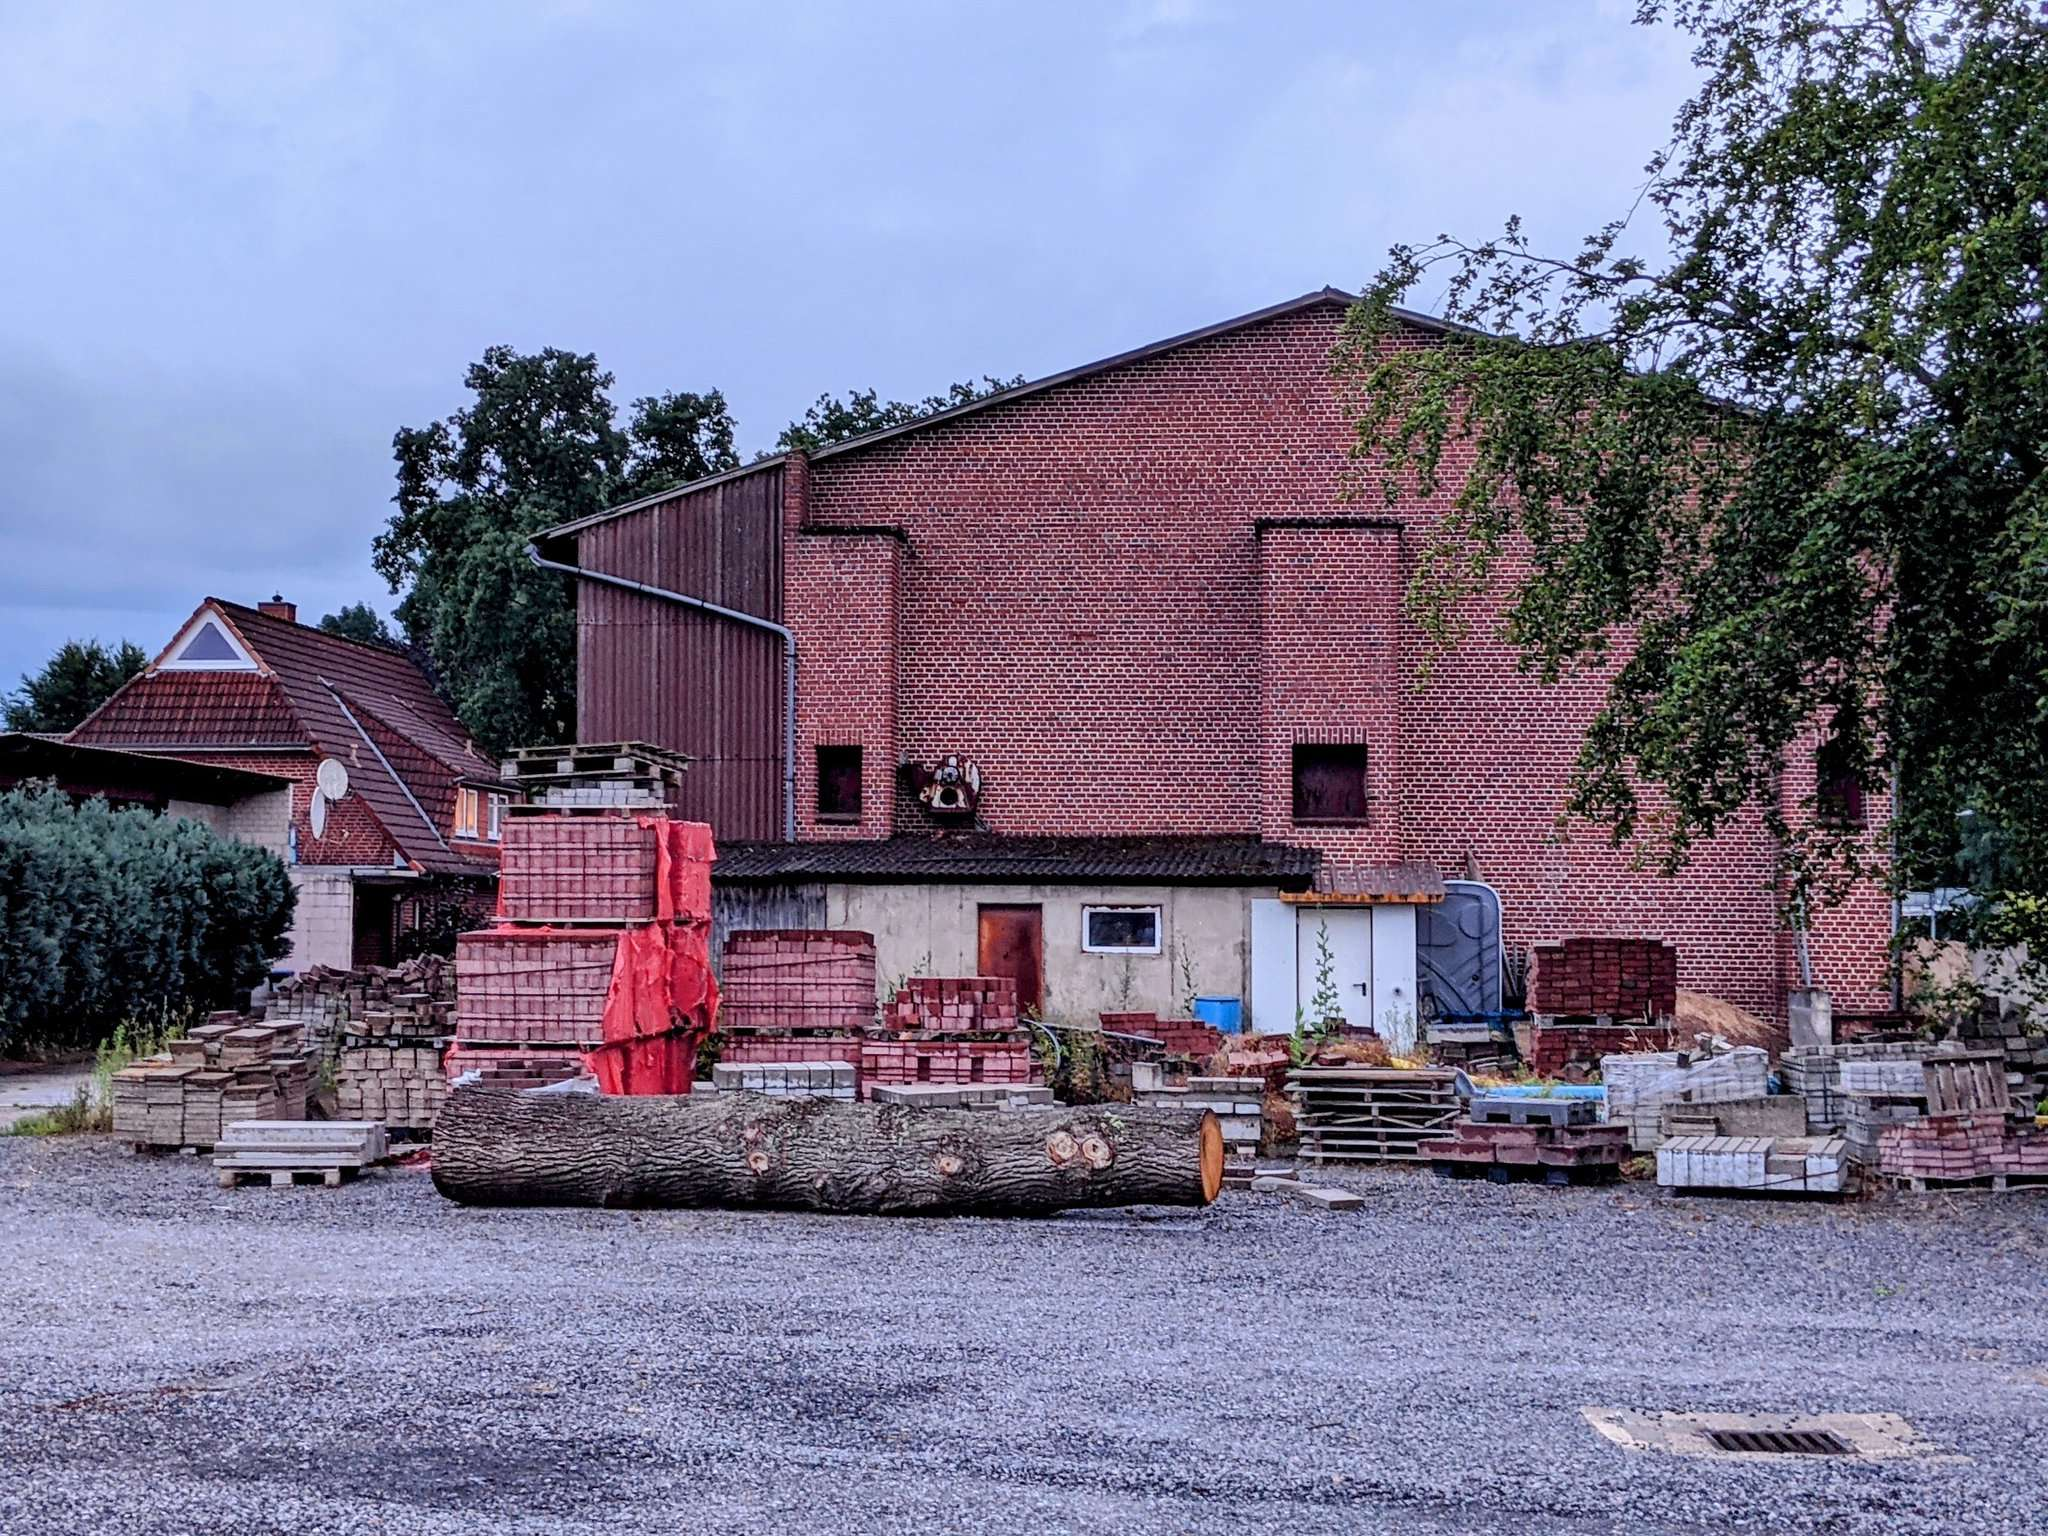 Für den Finteler Bauhof wäre ein neues Dach vonnöten. Bisher ist die Sanierung am Geld gescheitert.